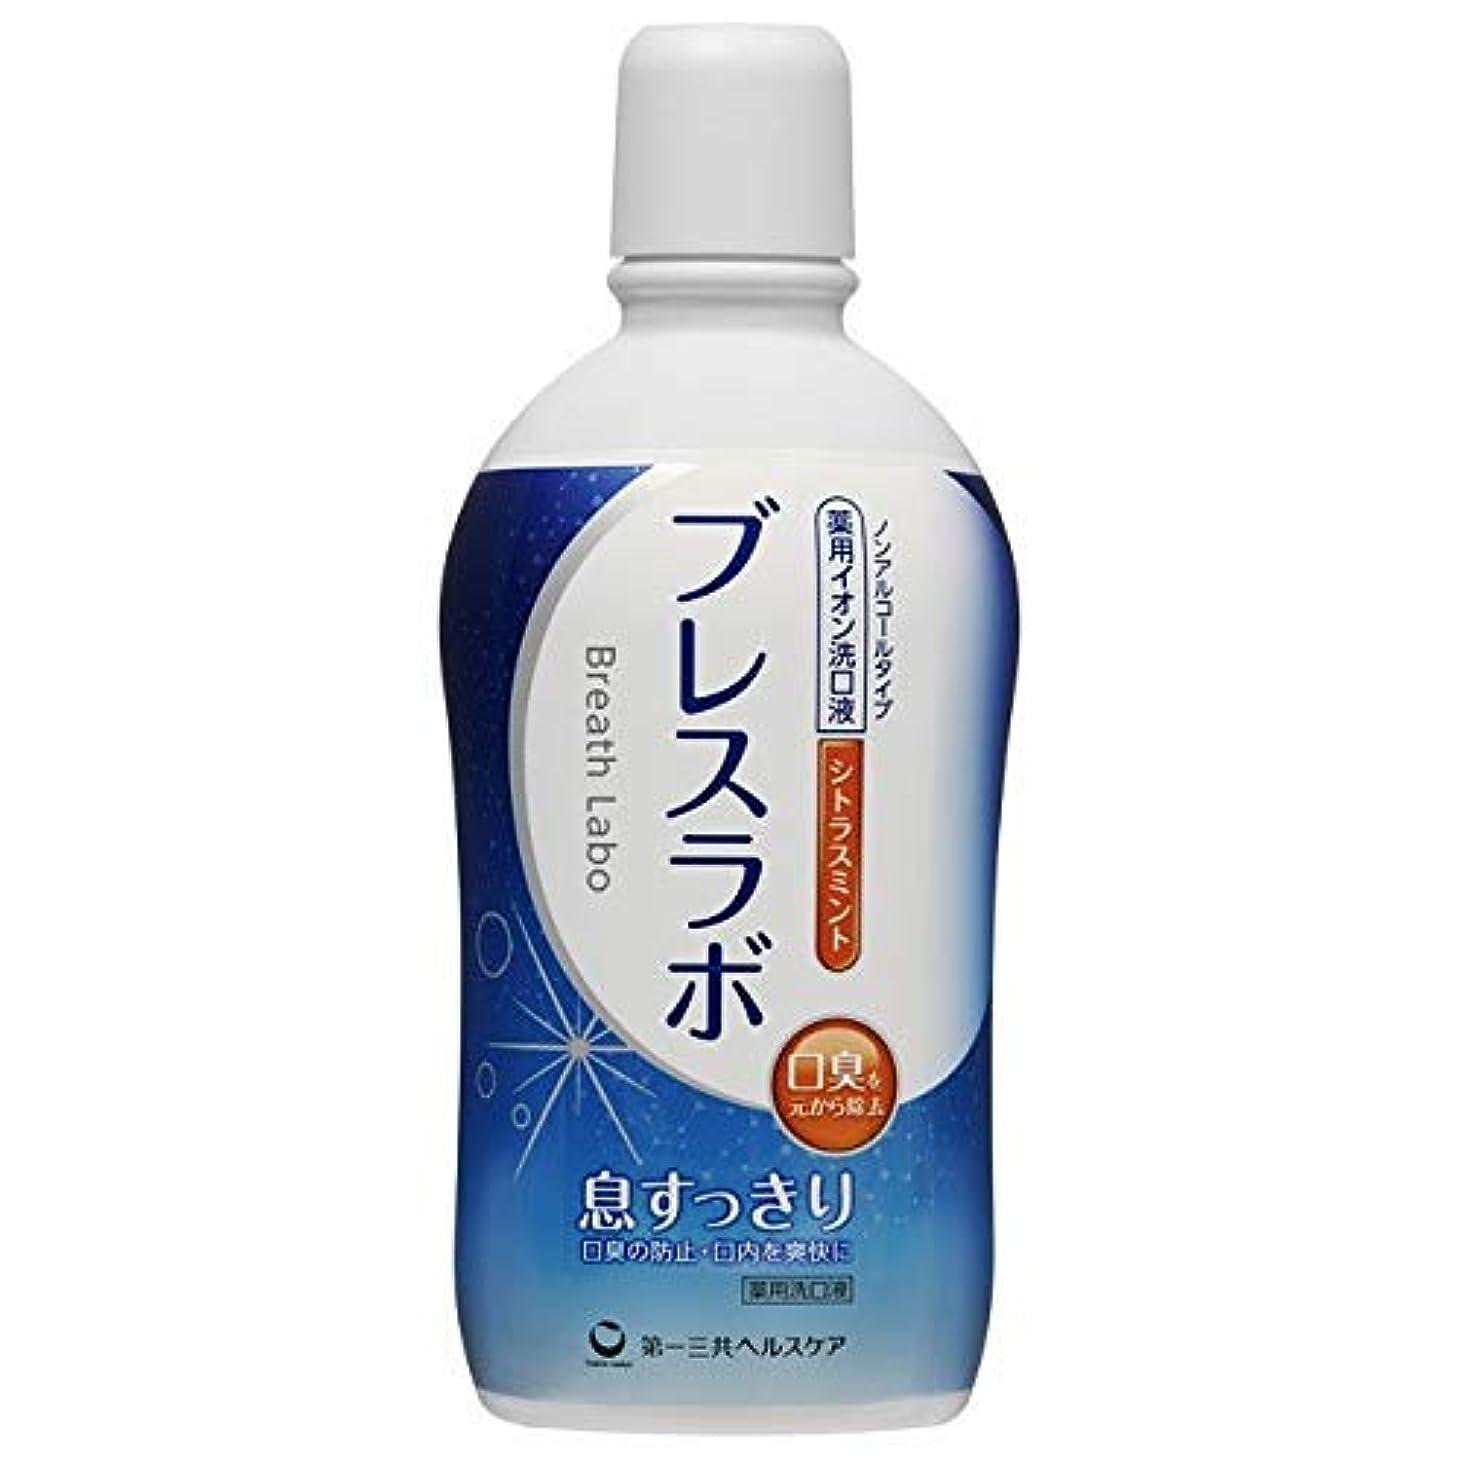 流星アルカイック残り第一三共ヘルスケア 薬用イオン洗口液 ブレスラボ マウスウォッシュ シトラスミント 450mL